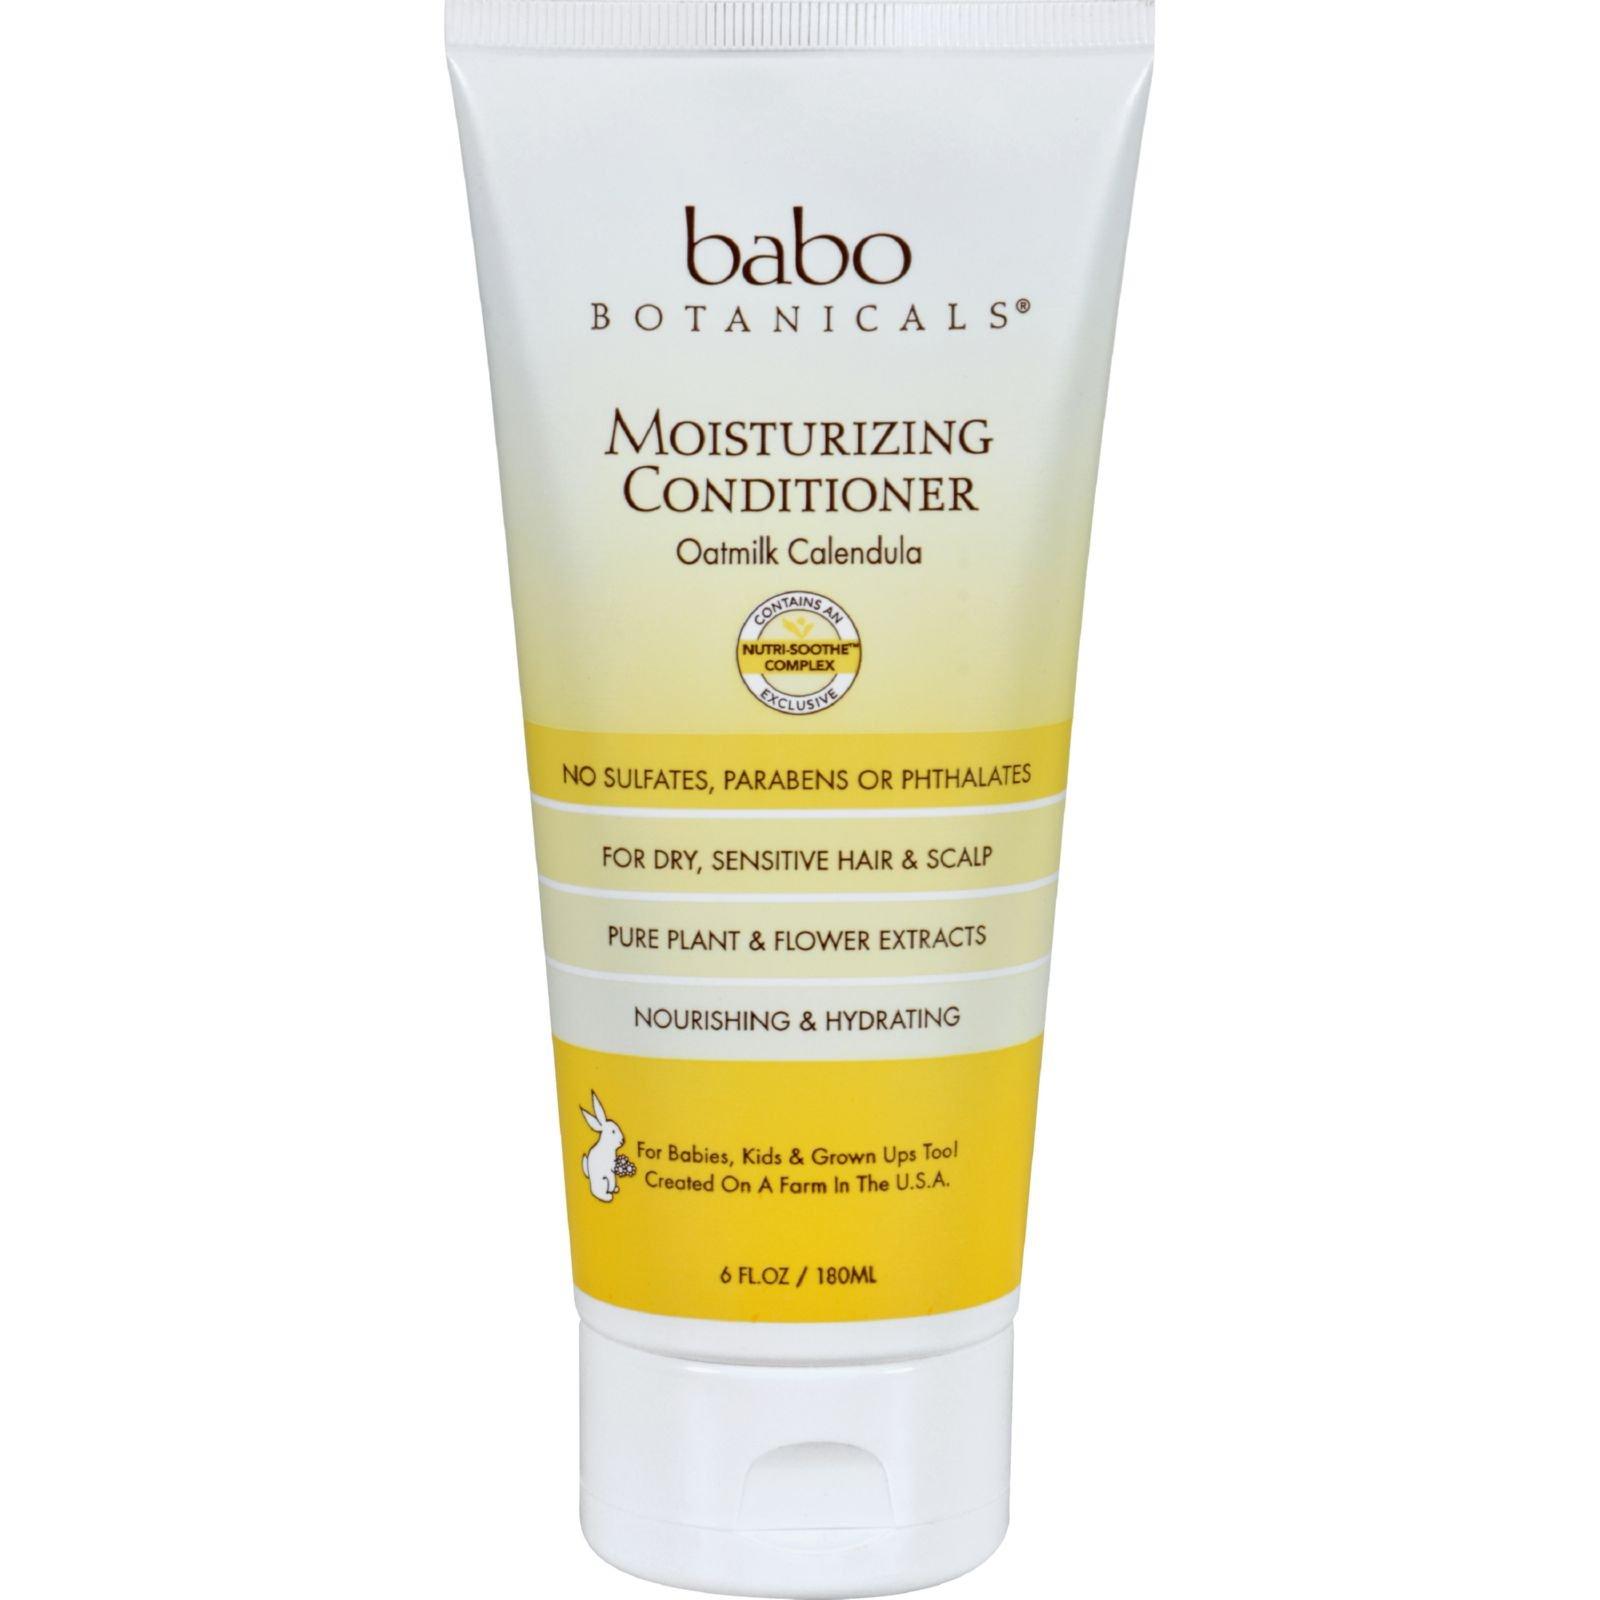 Babo Botanicals Conditioner - Moisturizing - Oatmilk - 6 oz - Dairy Free -